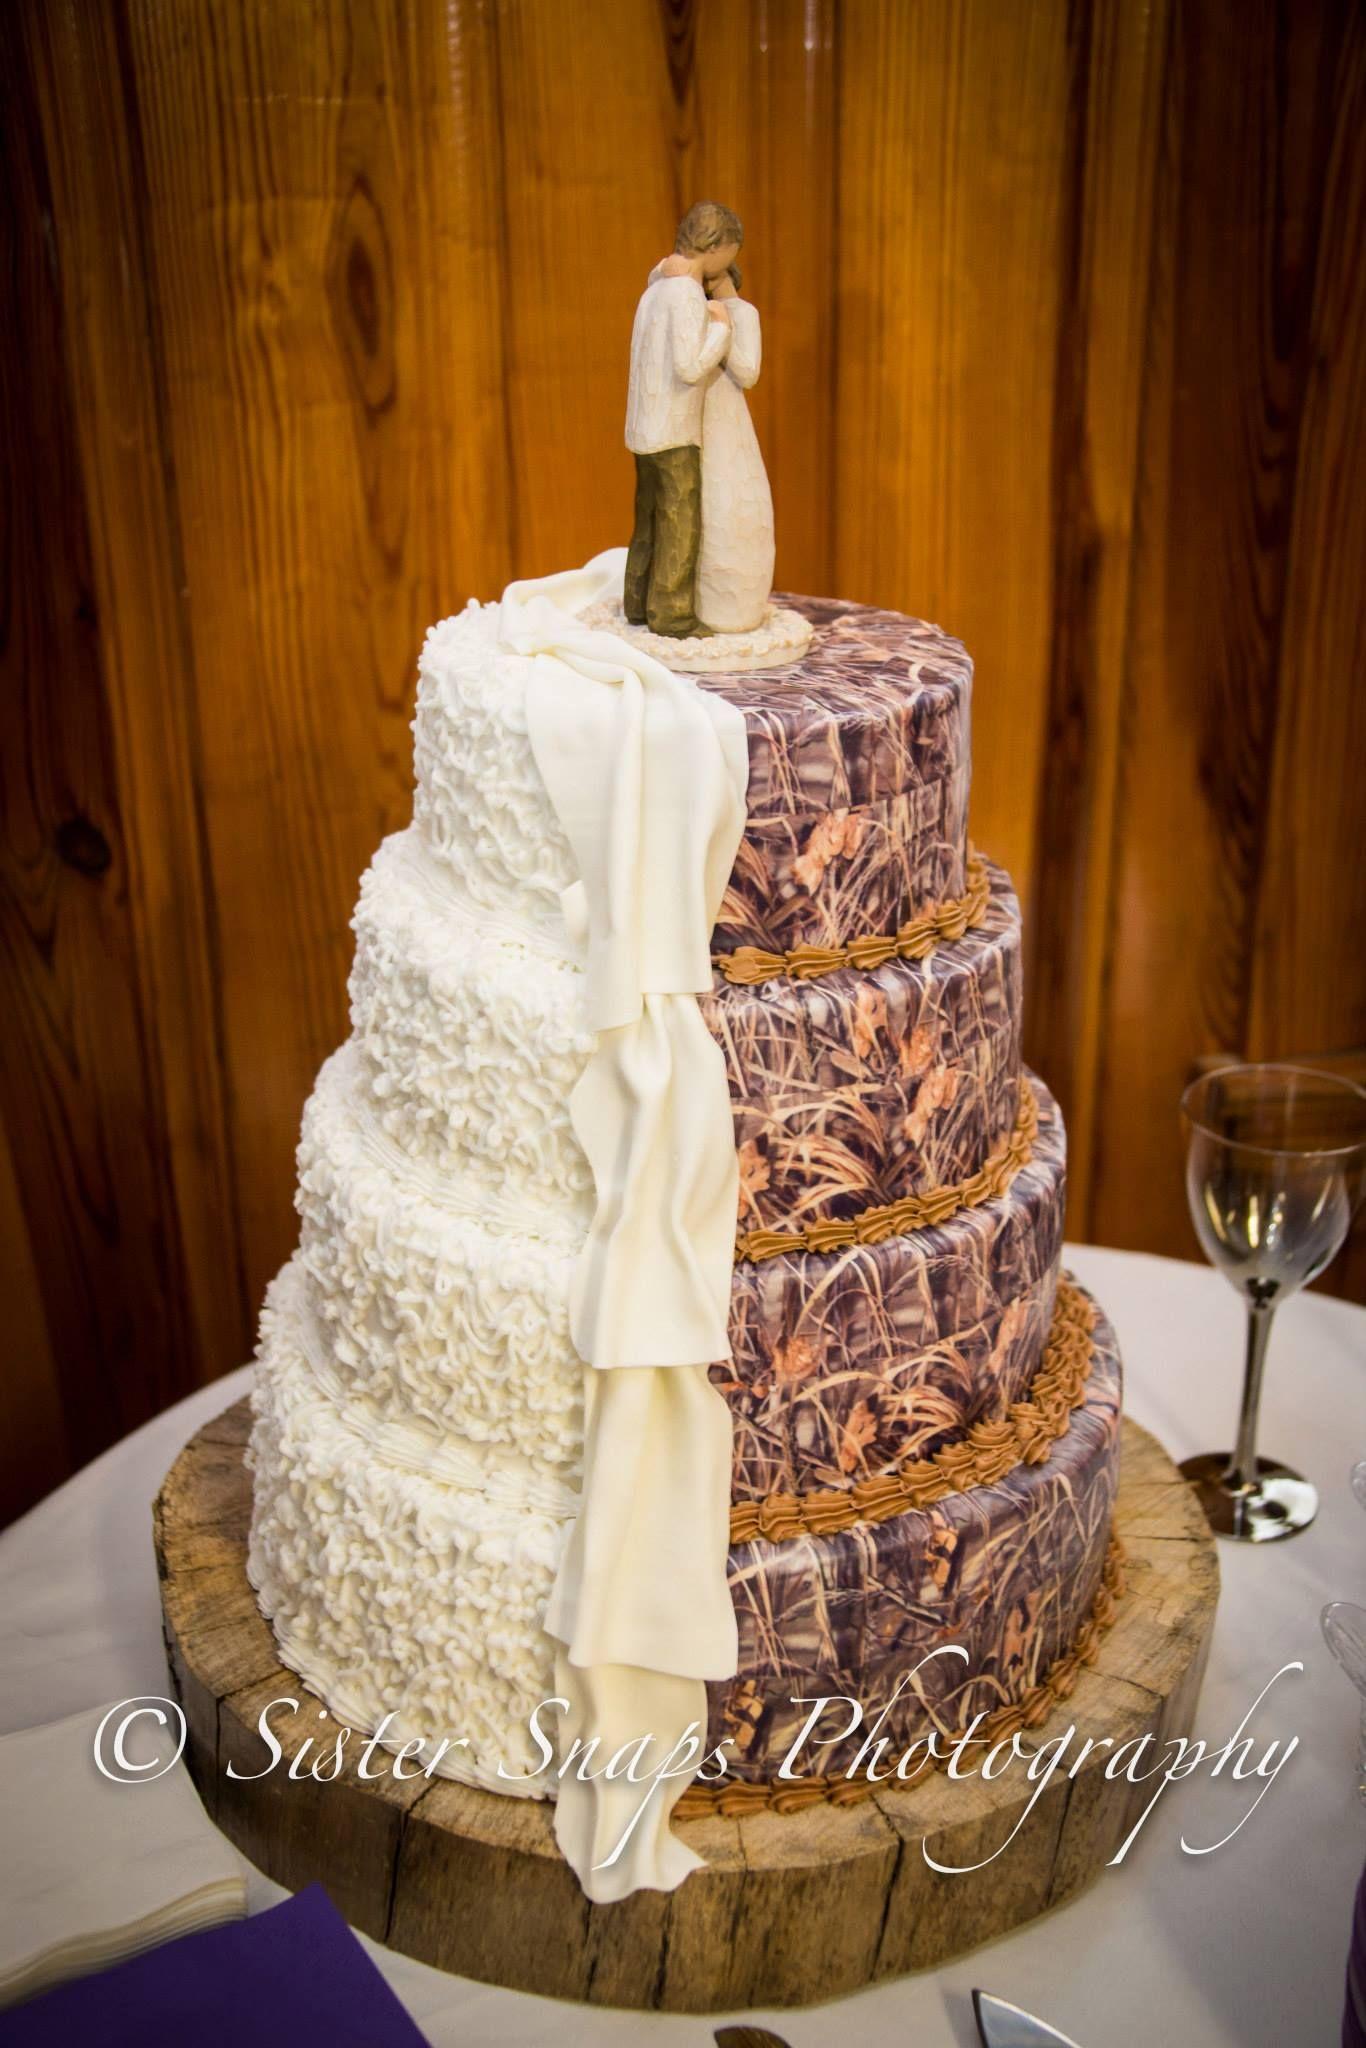 Wedding Cake Thanks To We Girls Cake In Ayden NC Not